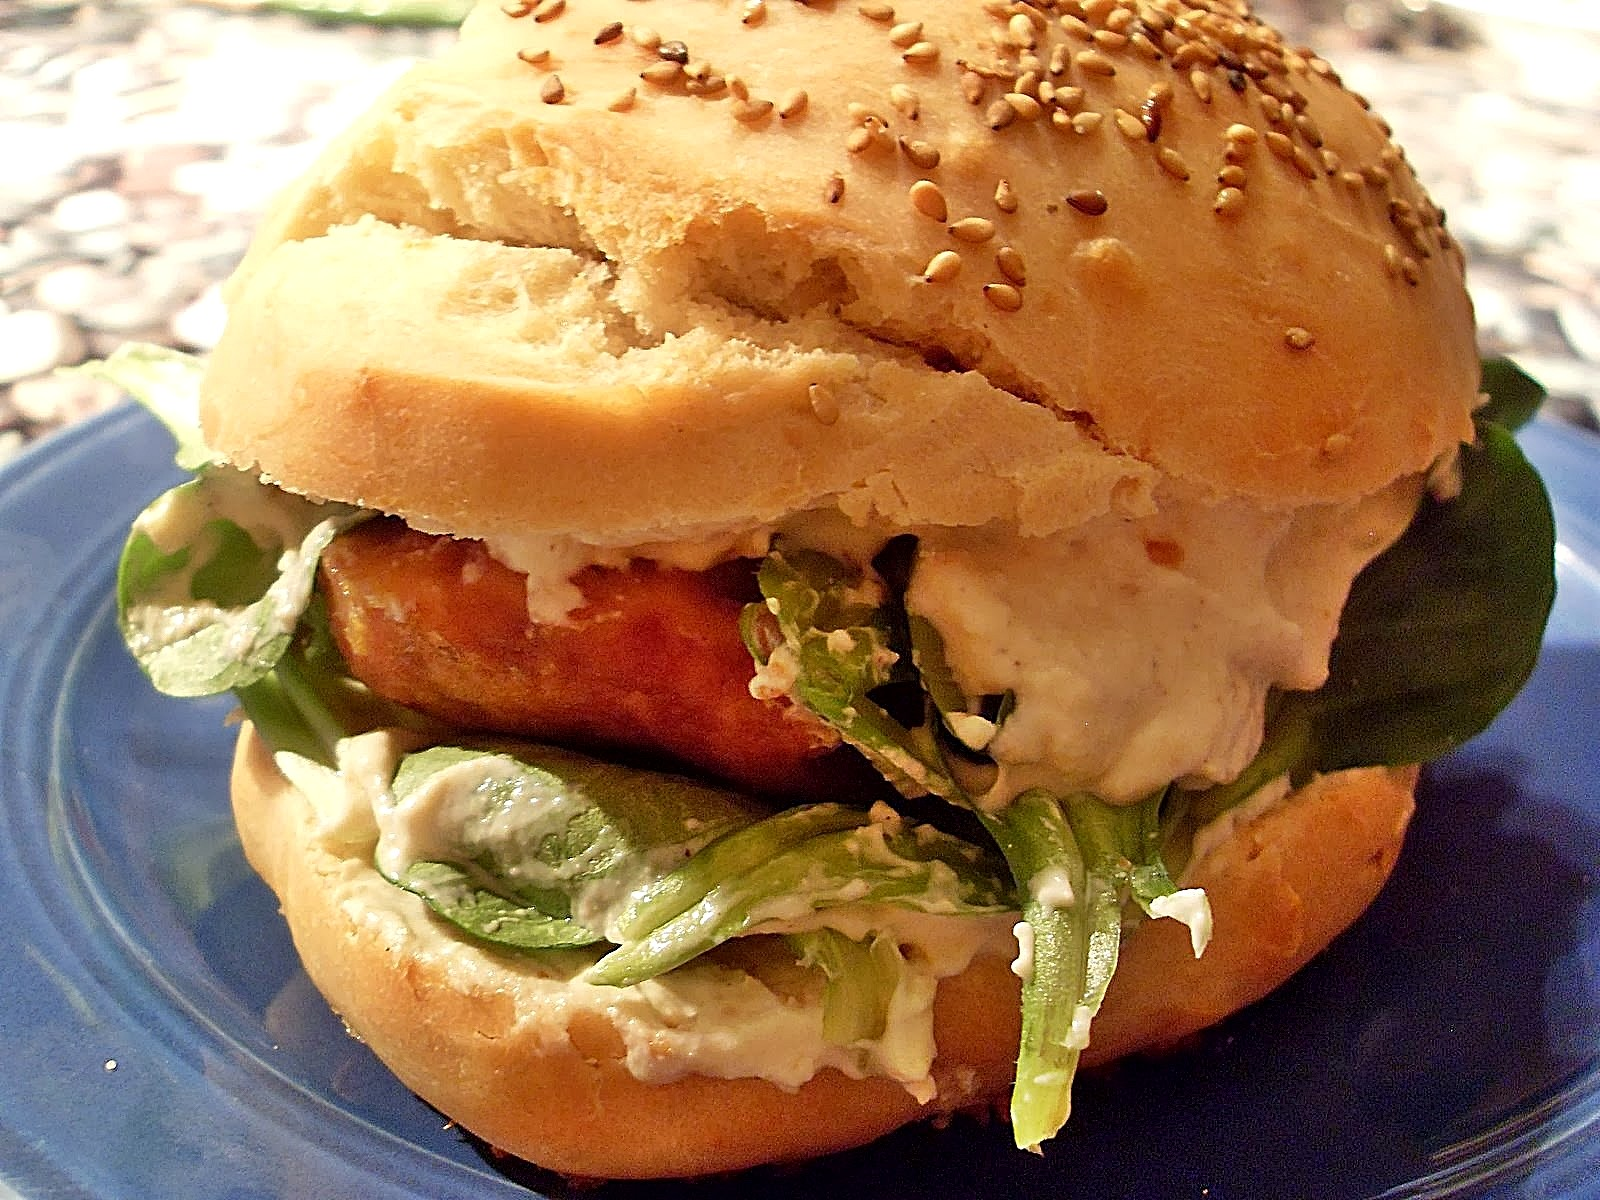 Ma cuisine v g talienne sandwich au filet de poulet pan et sa cr me poivre fromage vegan - Filet de poulet au four ...